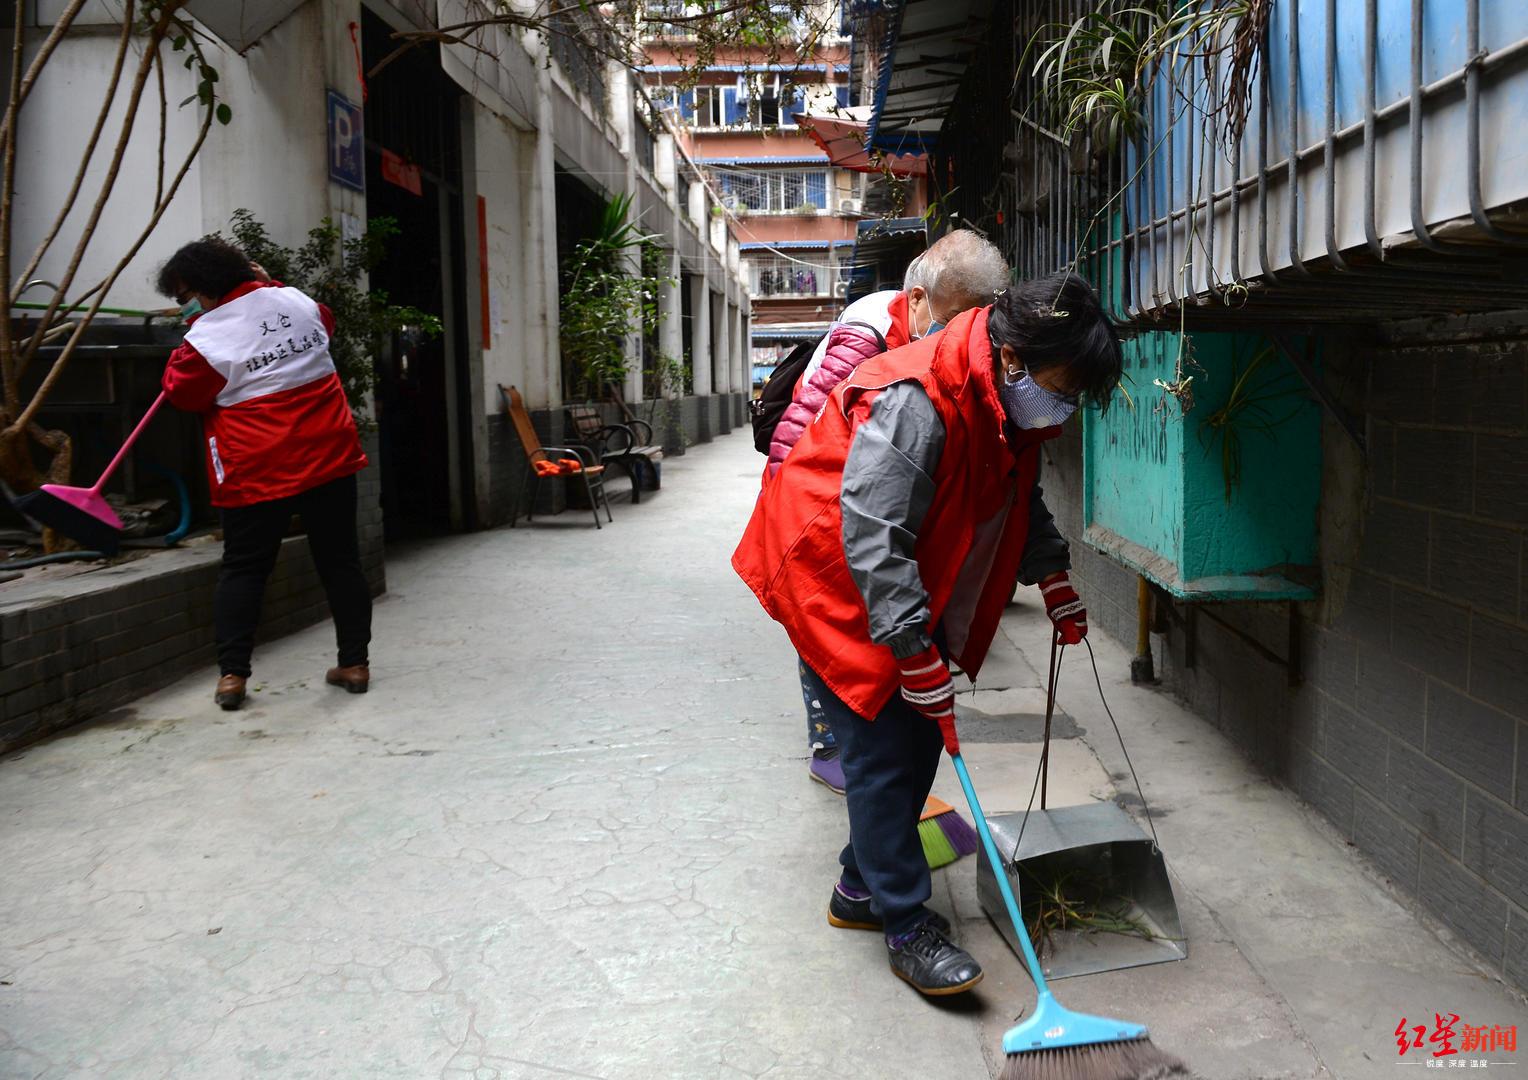 居民商家企业携手 社区开展卫生大扫除